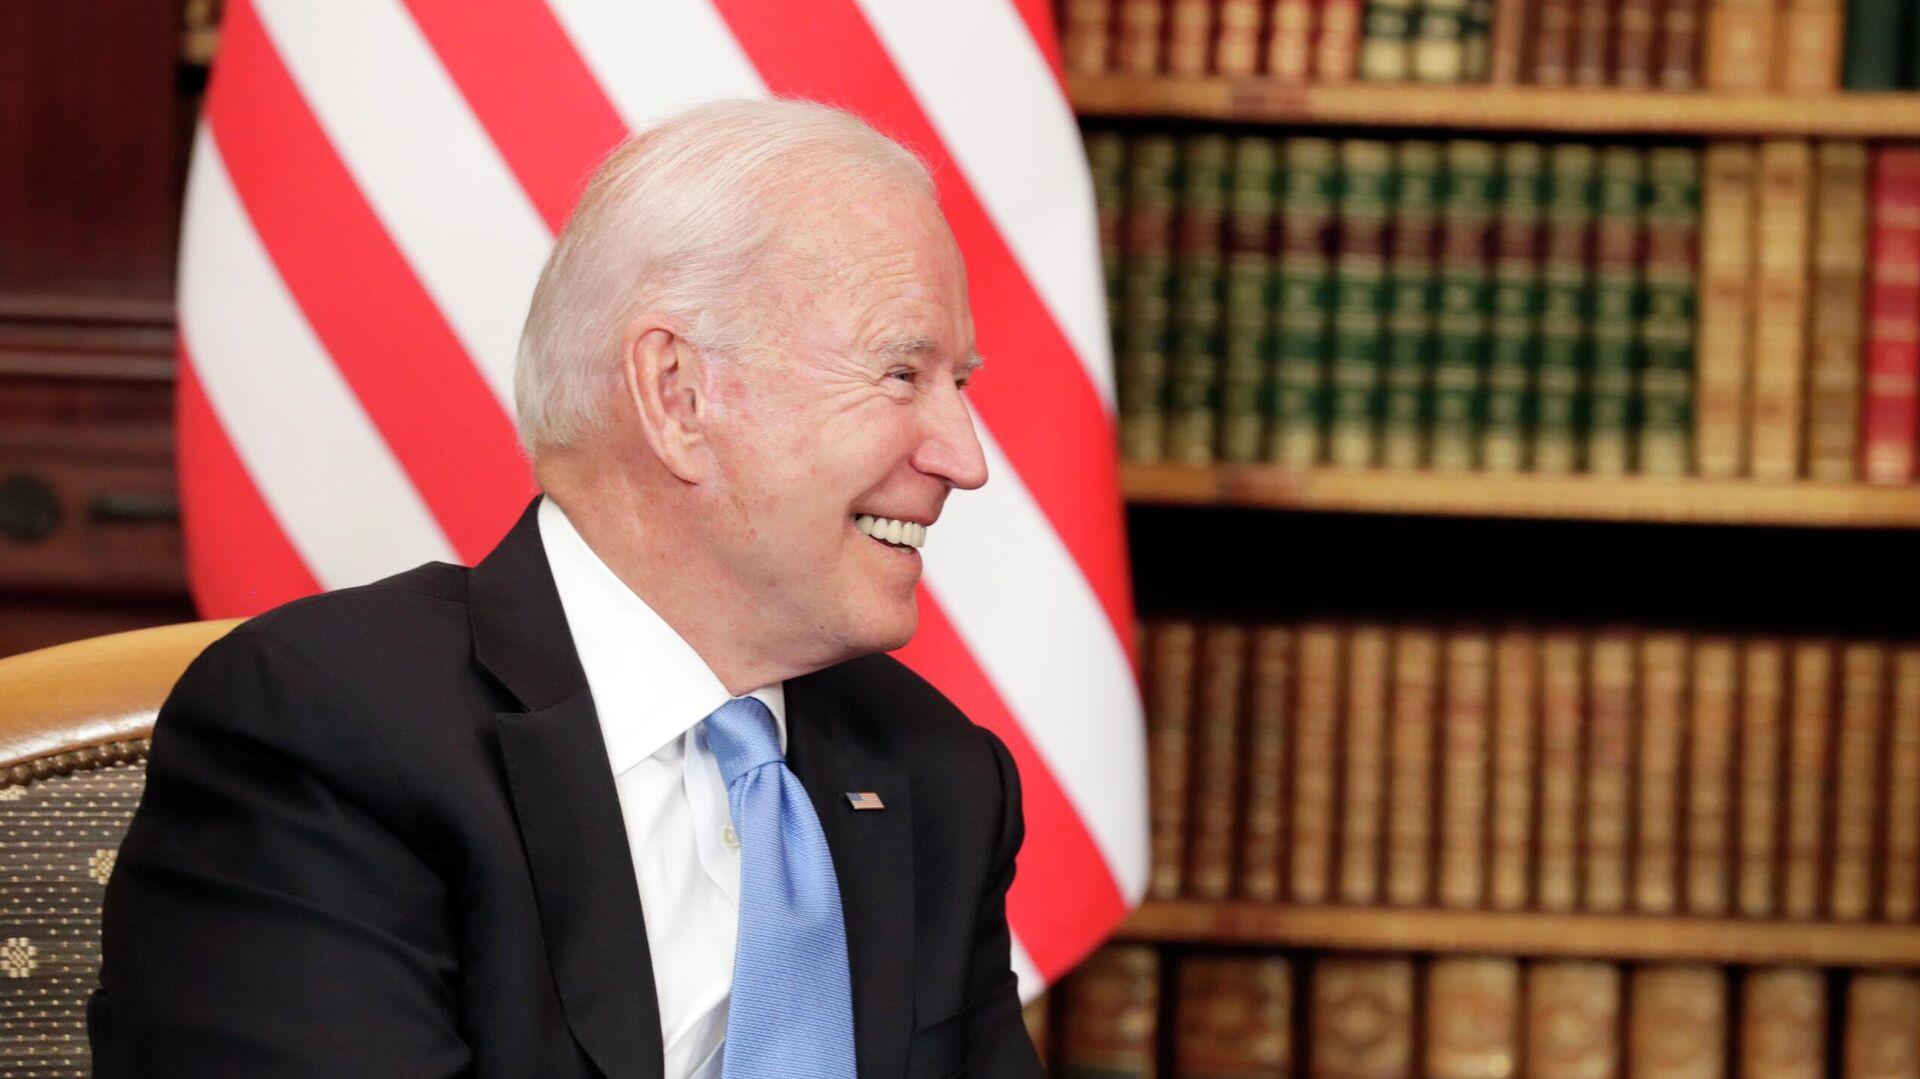 Президент США Джо Байден на вилле Ла Гранж в Женеве во время  встречи с президентом РФ Владимиром Путиным - РИА Новости, 1920, 19.06.2021